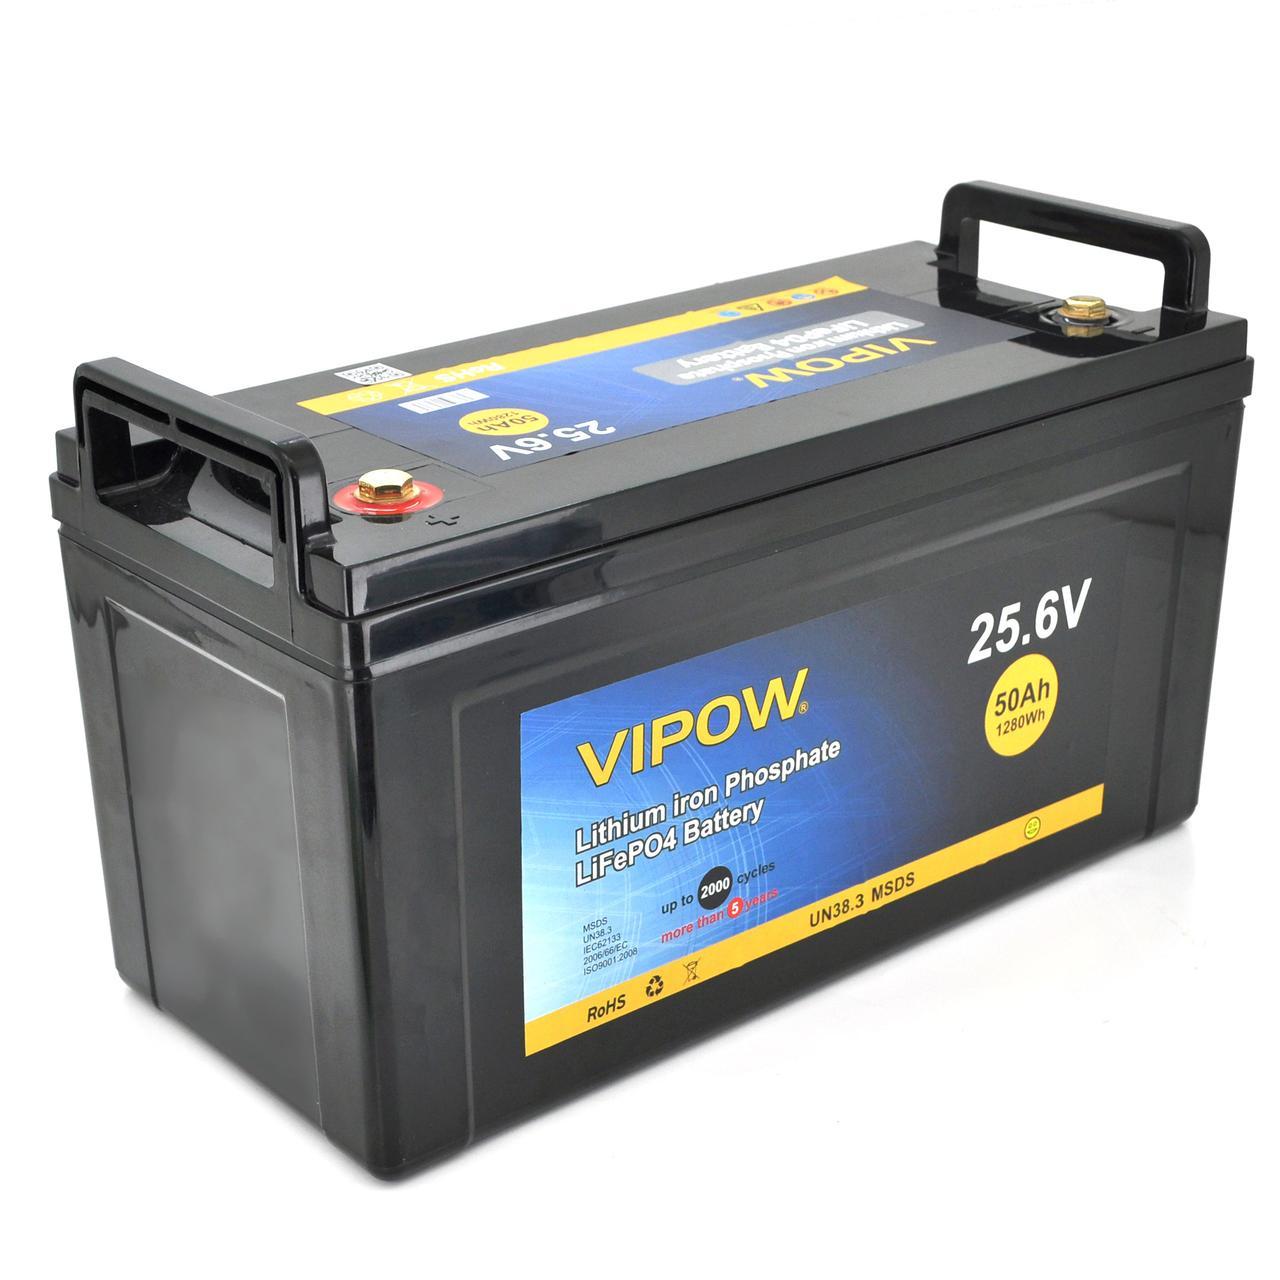 Аккумуляторная батарея Vipow LiFePO4 25,6V 50Ah  со встроенной ВМS платой 40A